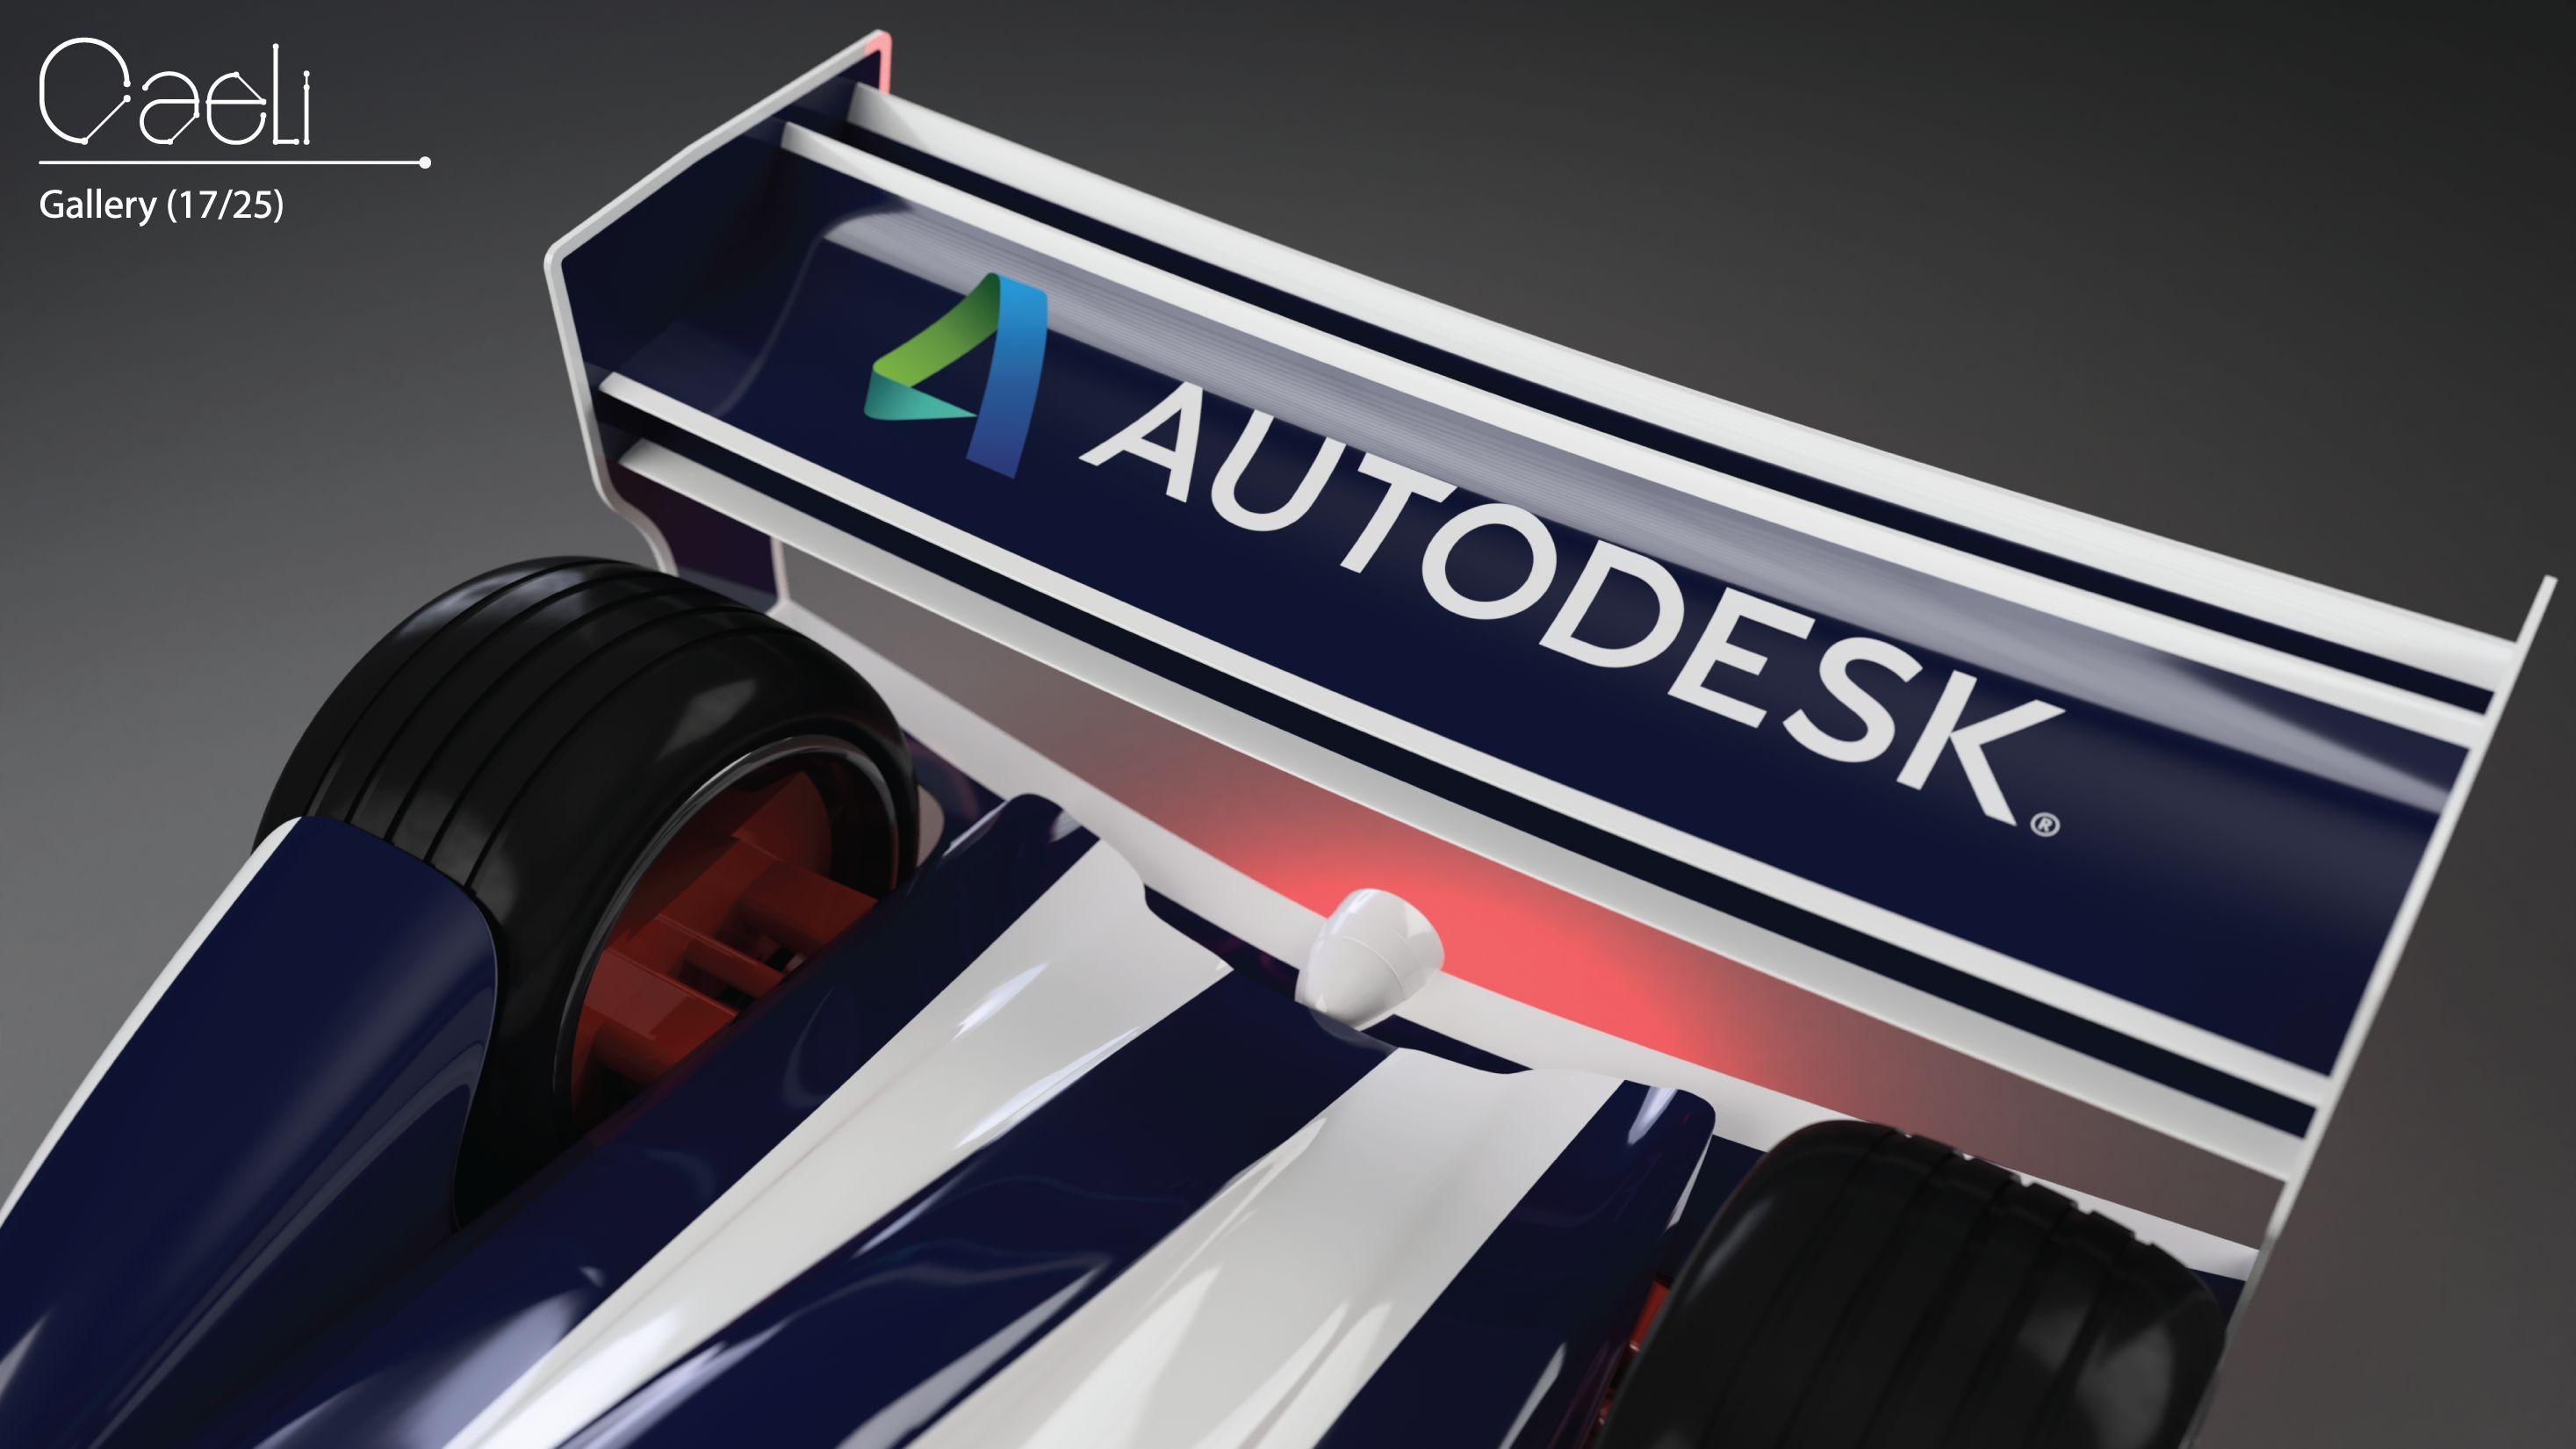 Autocad Automotive Pictures 7